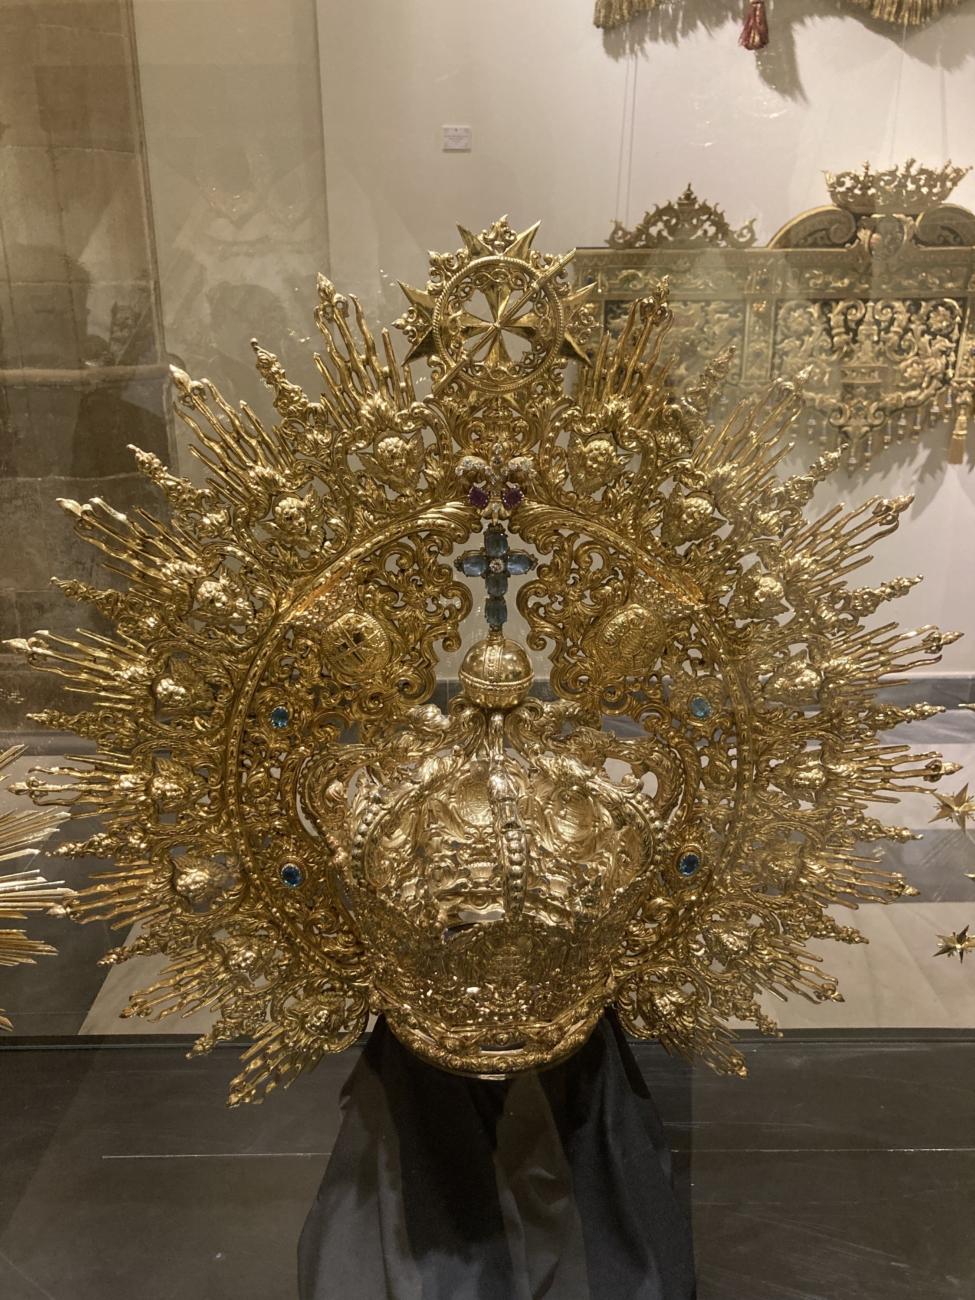 Corona de salida – Mª Stma. de la Paz en su Mayor Aflicción